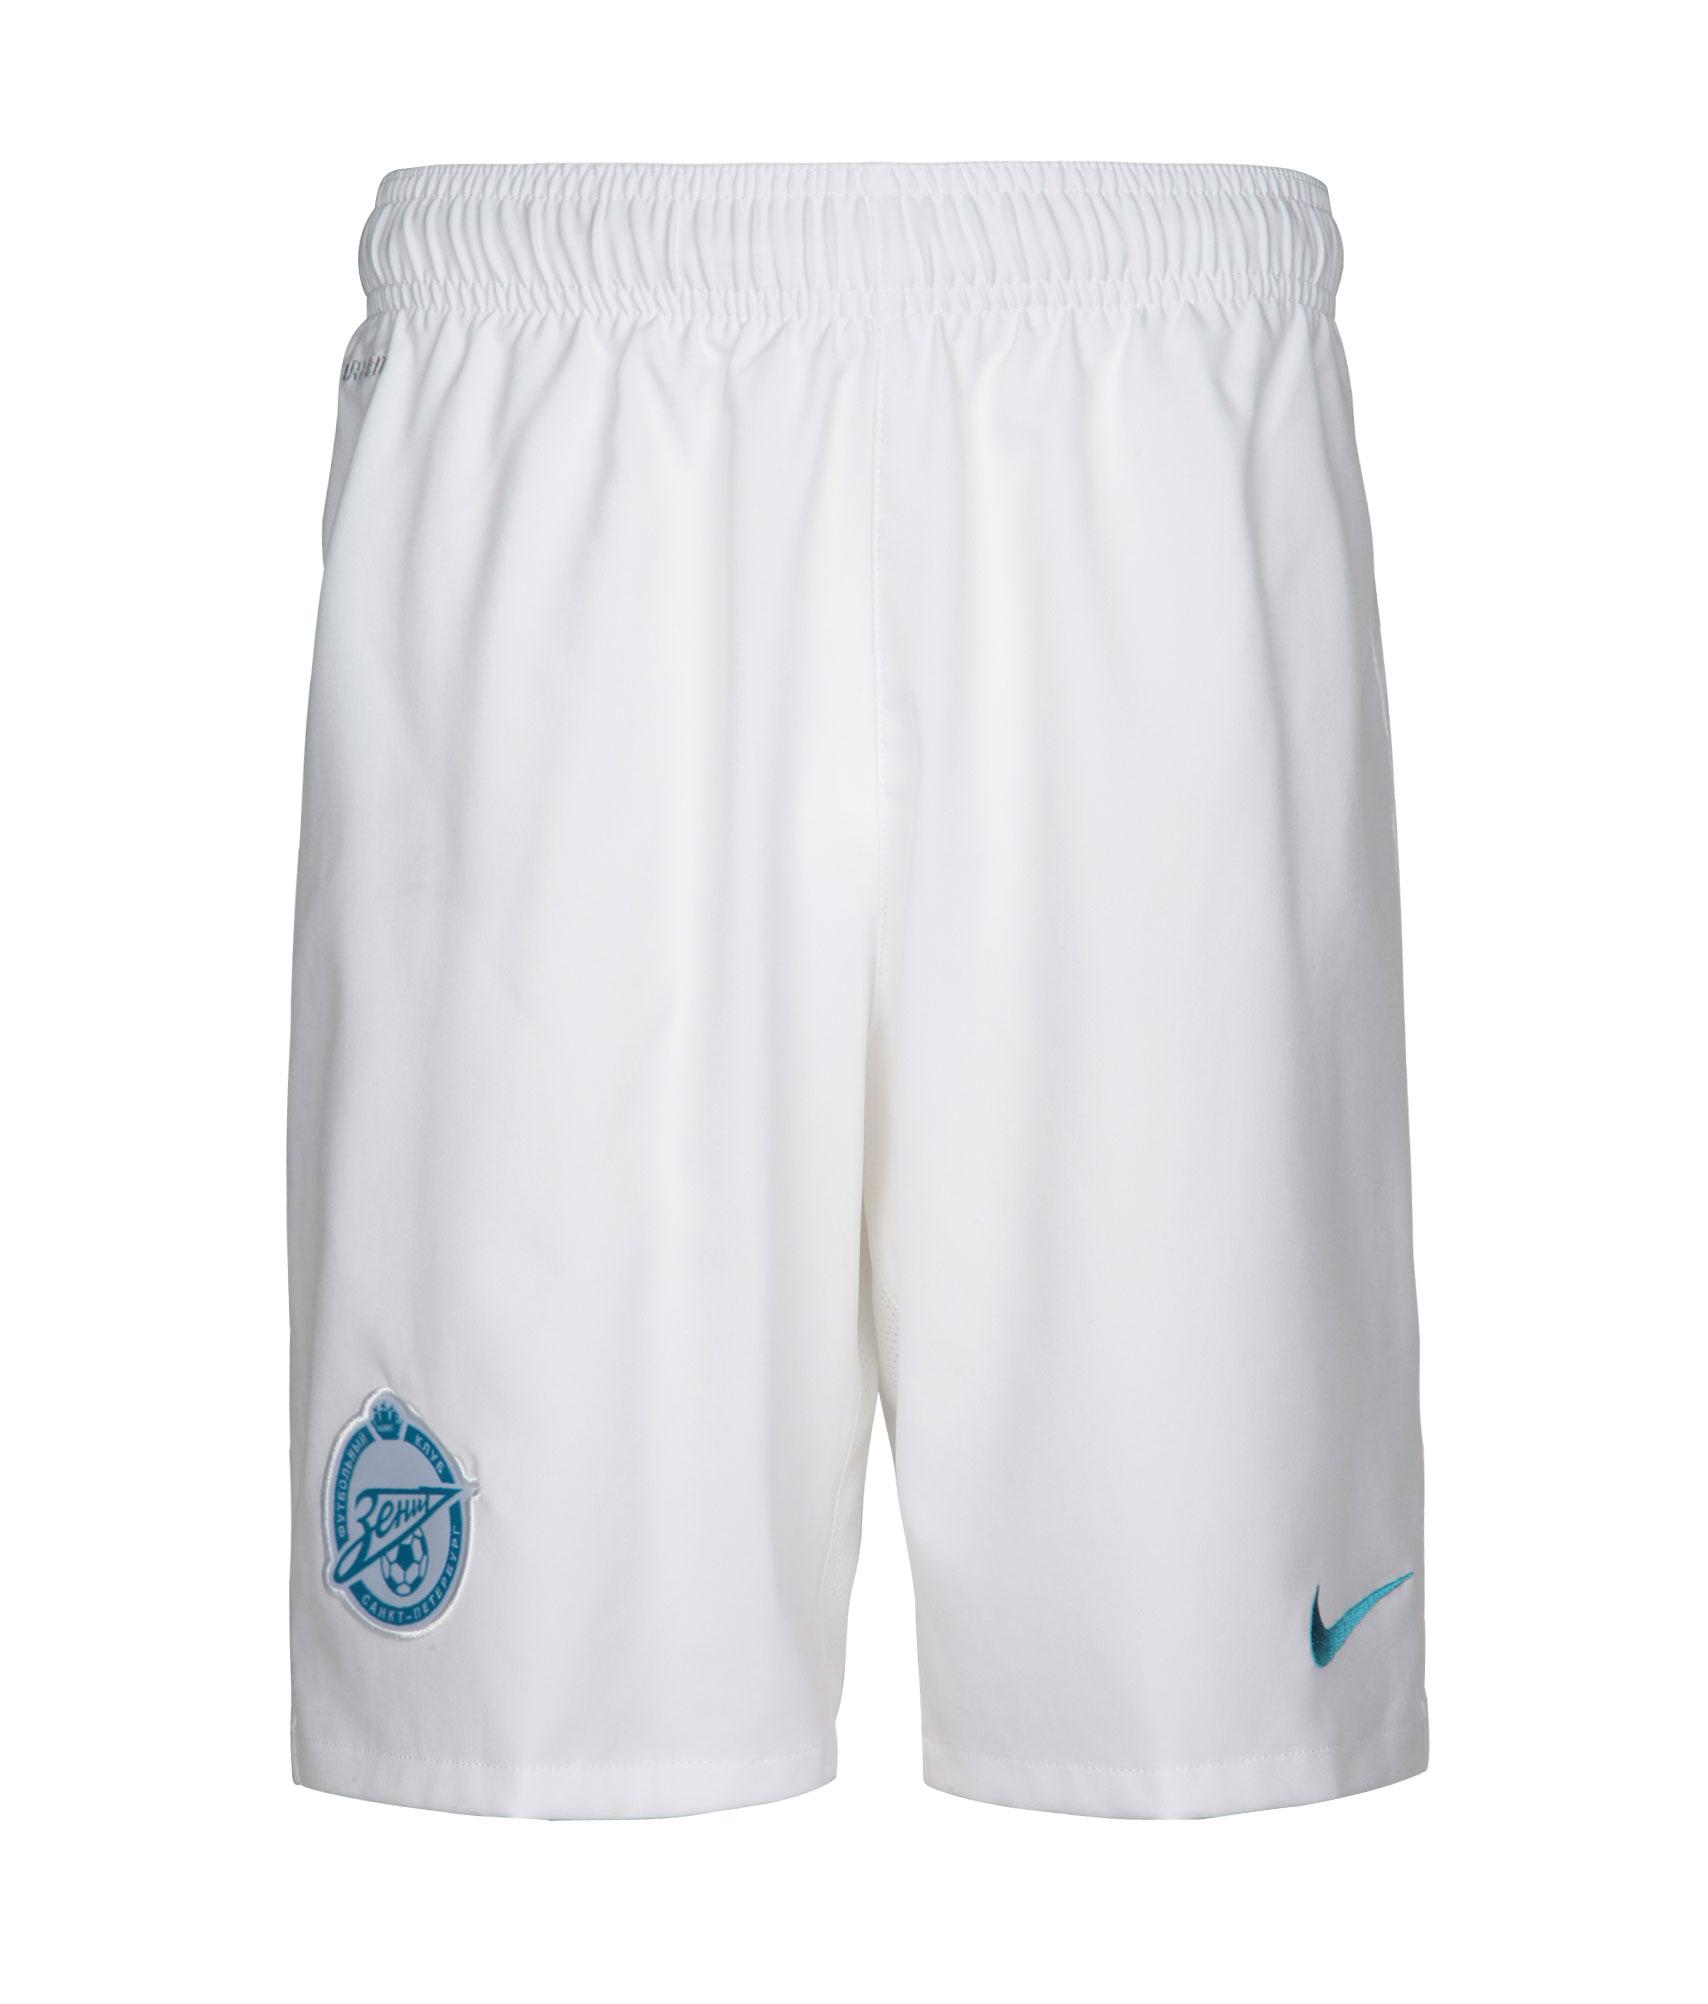 Шорты Nike подростковые выездные Зенит Цвет-Белый шорты детские зенит цвет синий